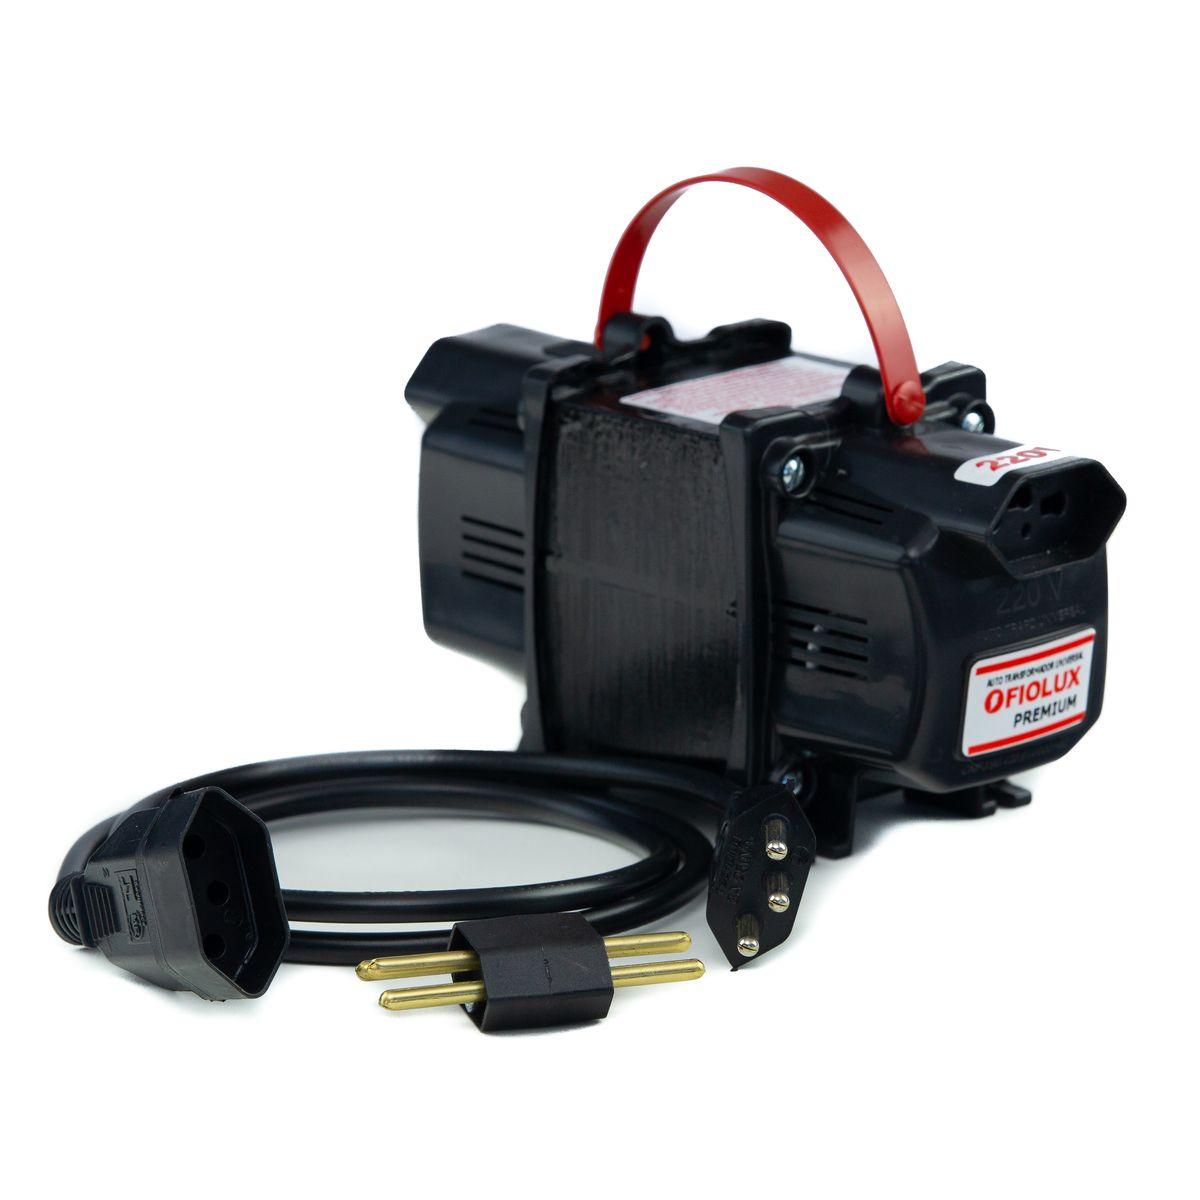 Transformador Fiolux Premium Tripolar 2000VA Bivolt 110/220 e 220/110 Ref: 2000 VA